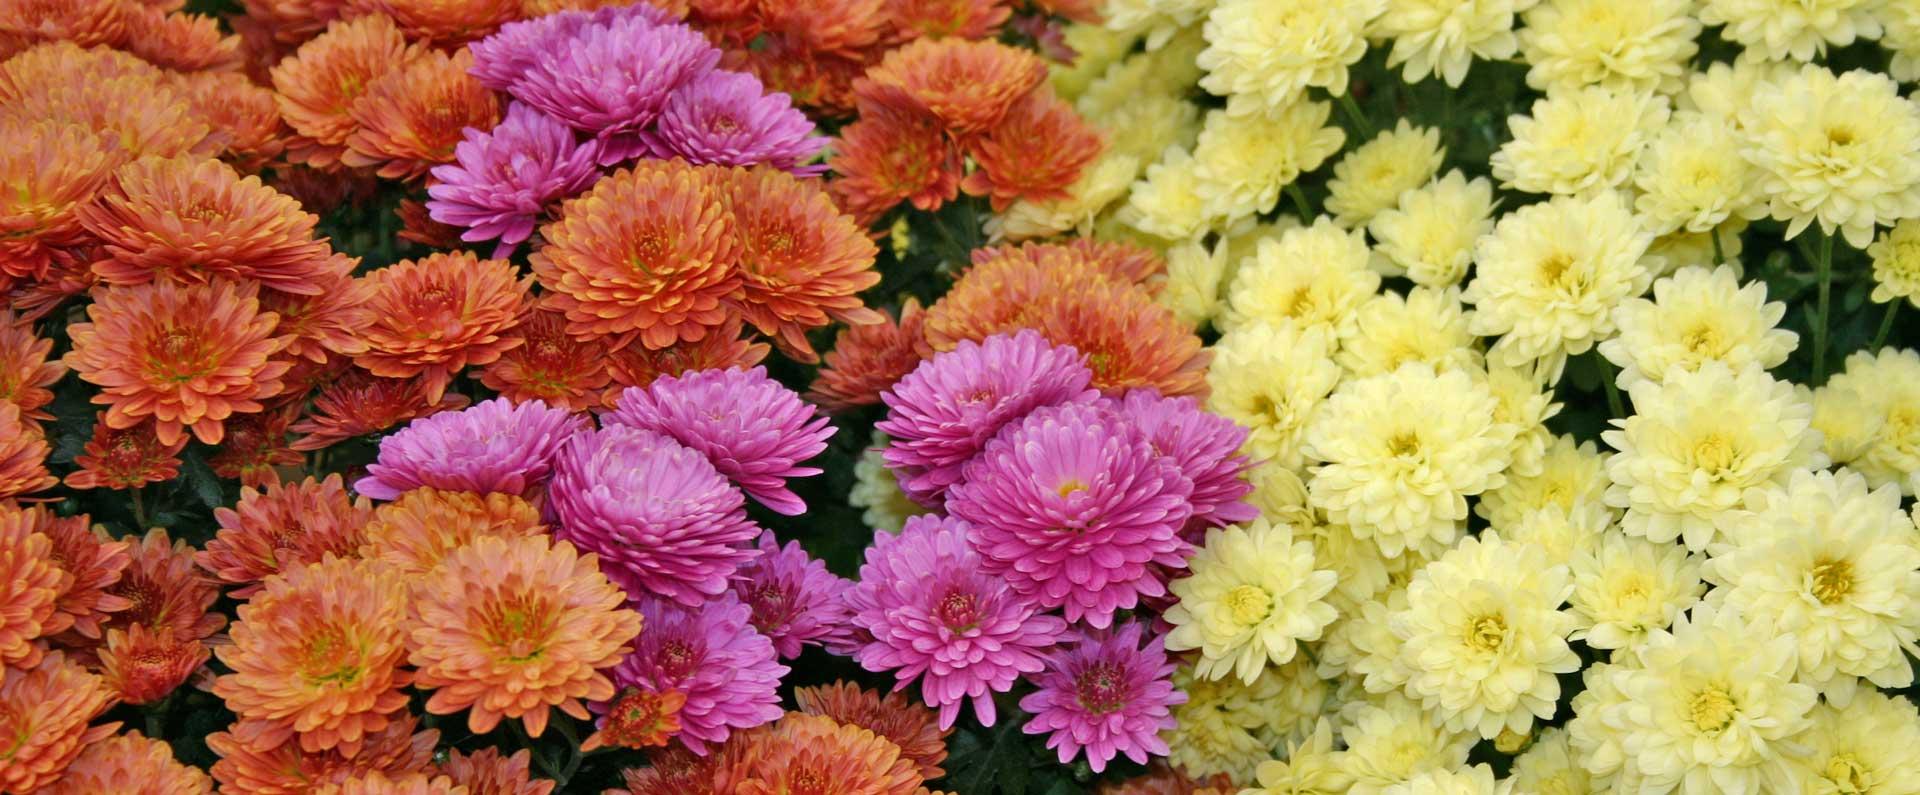 Slide-toussaint-chrysanthème-aloé-4